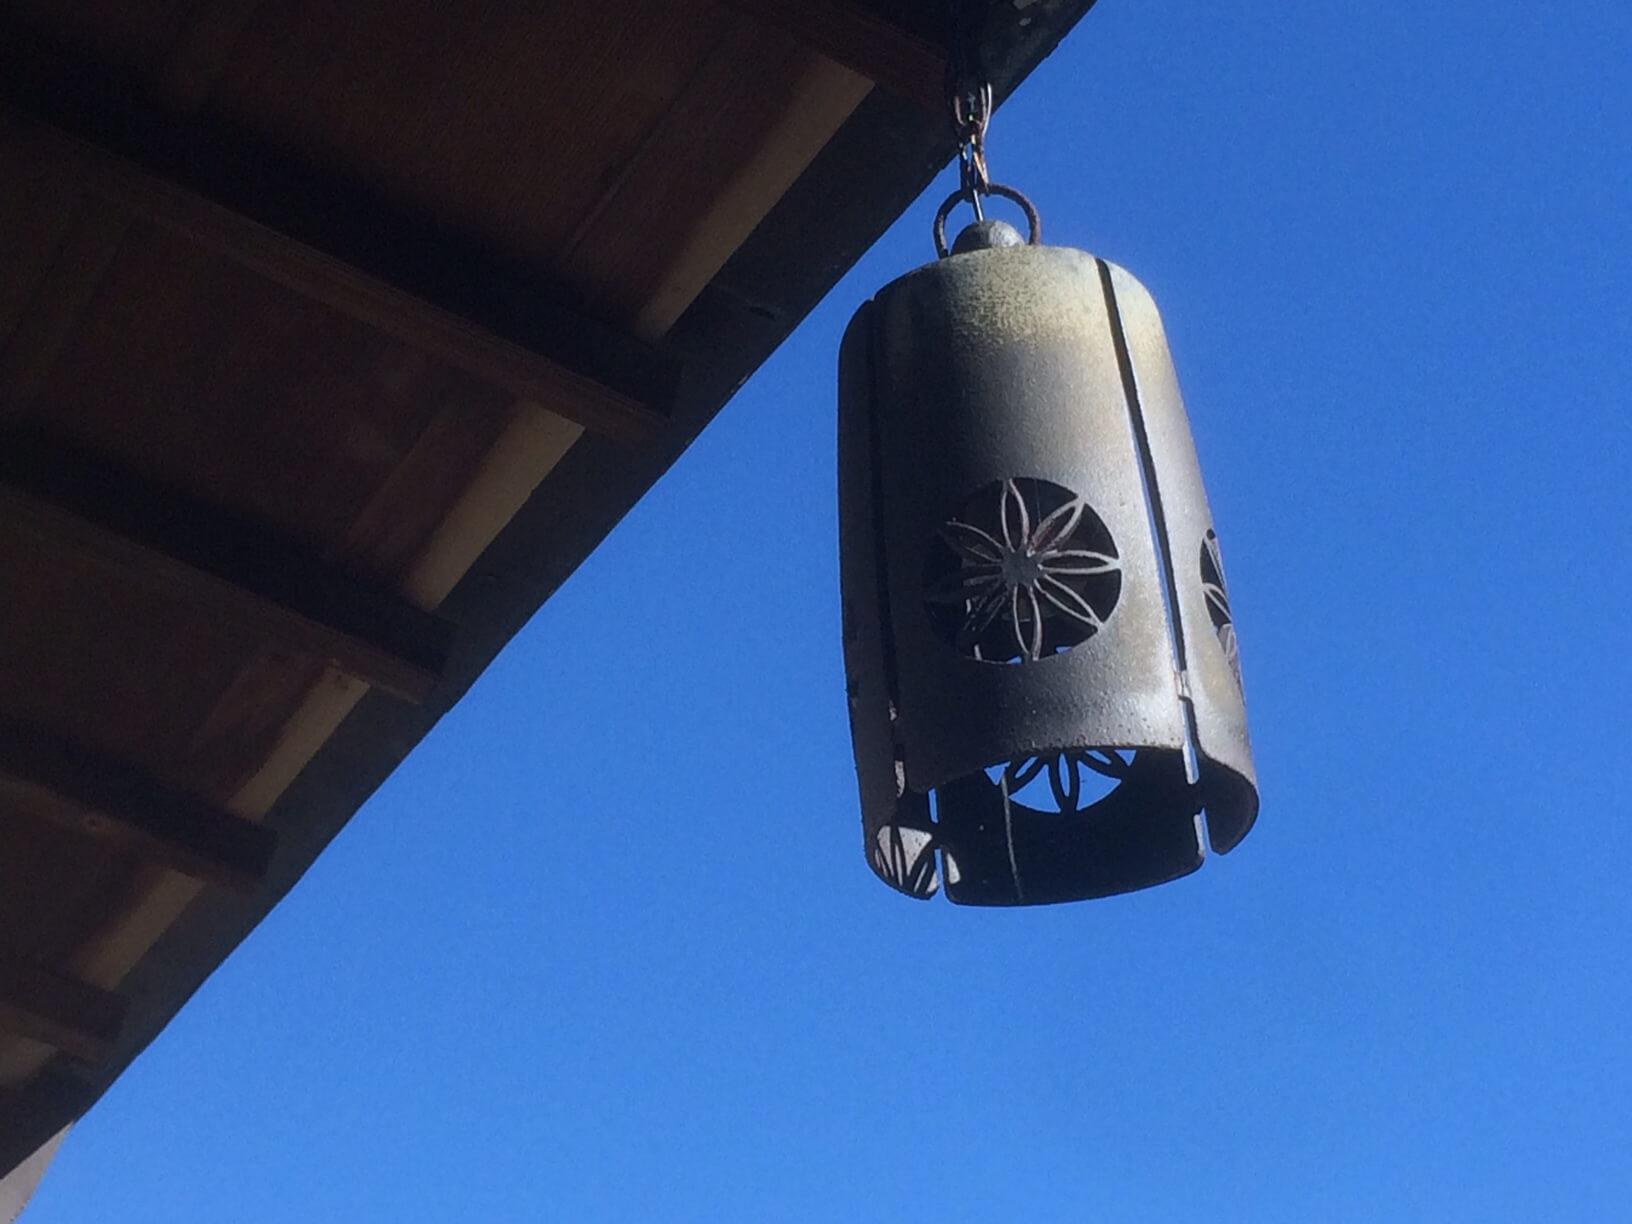 箱根美術館の灯籠